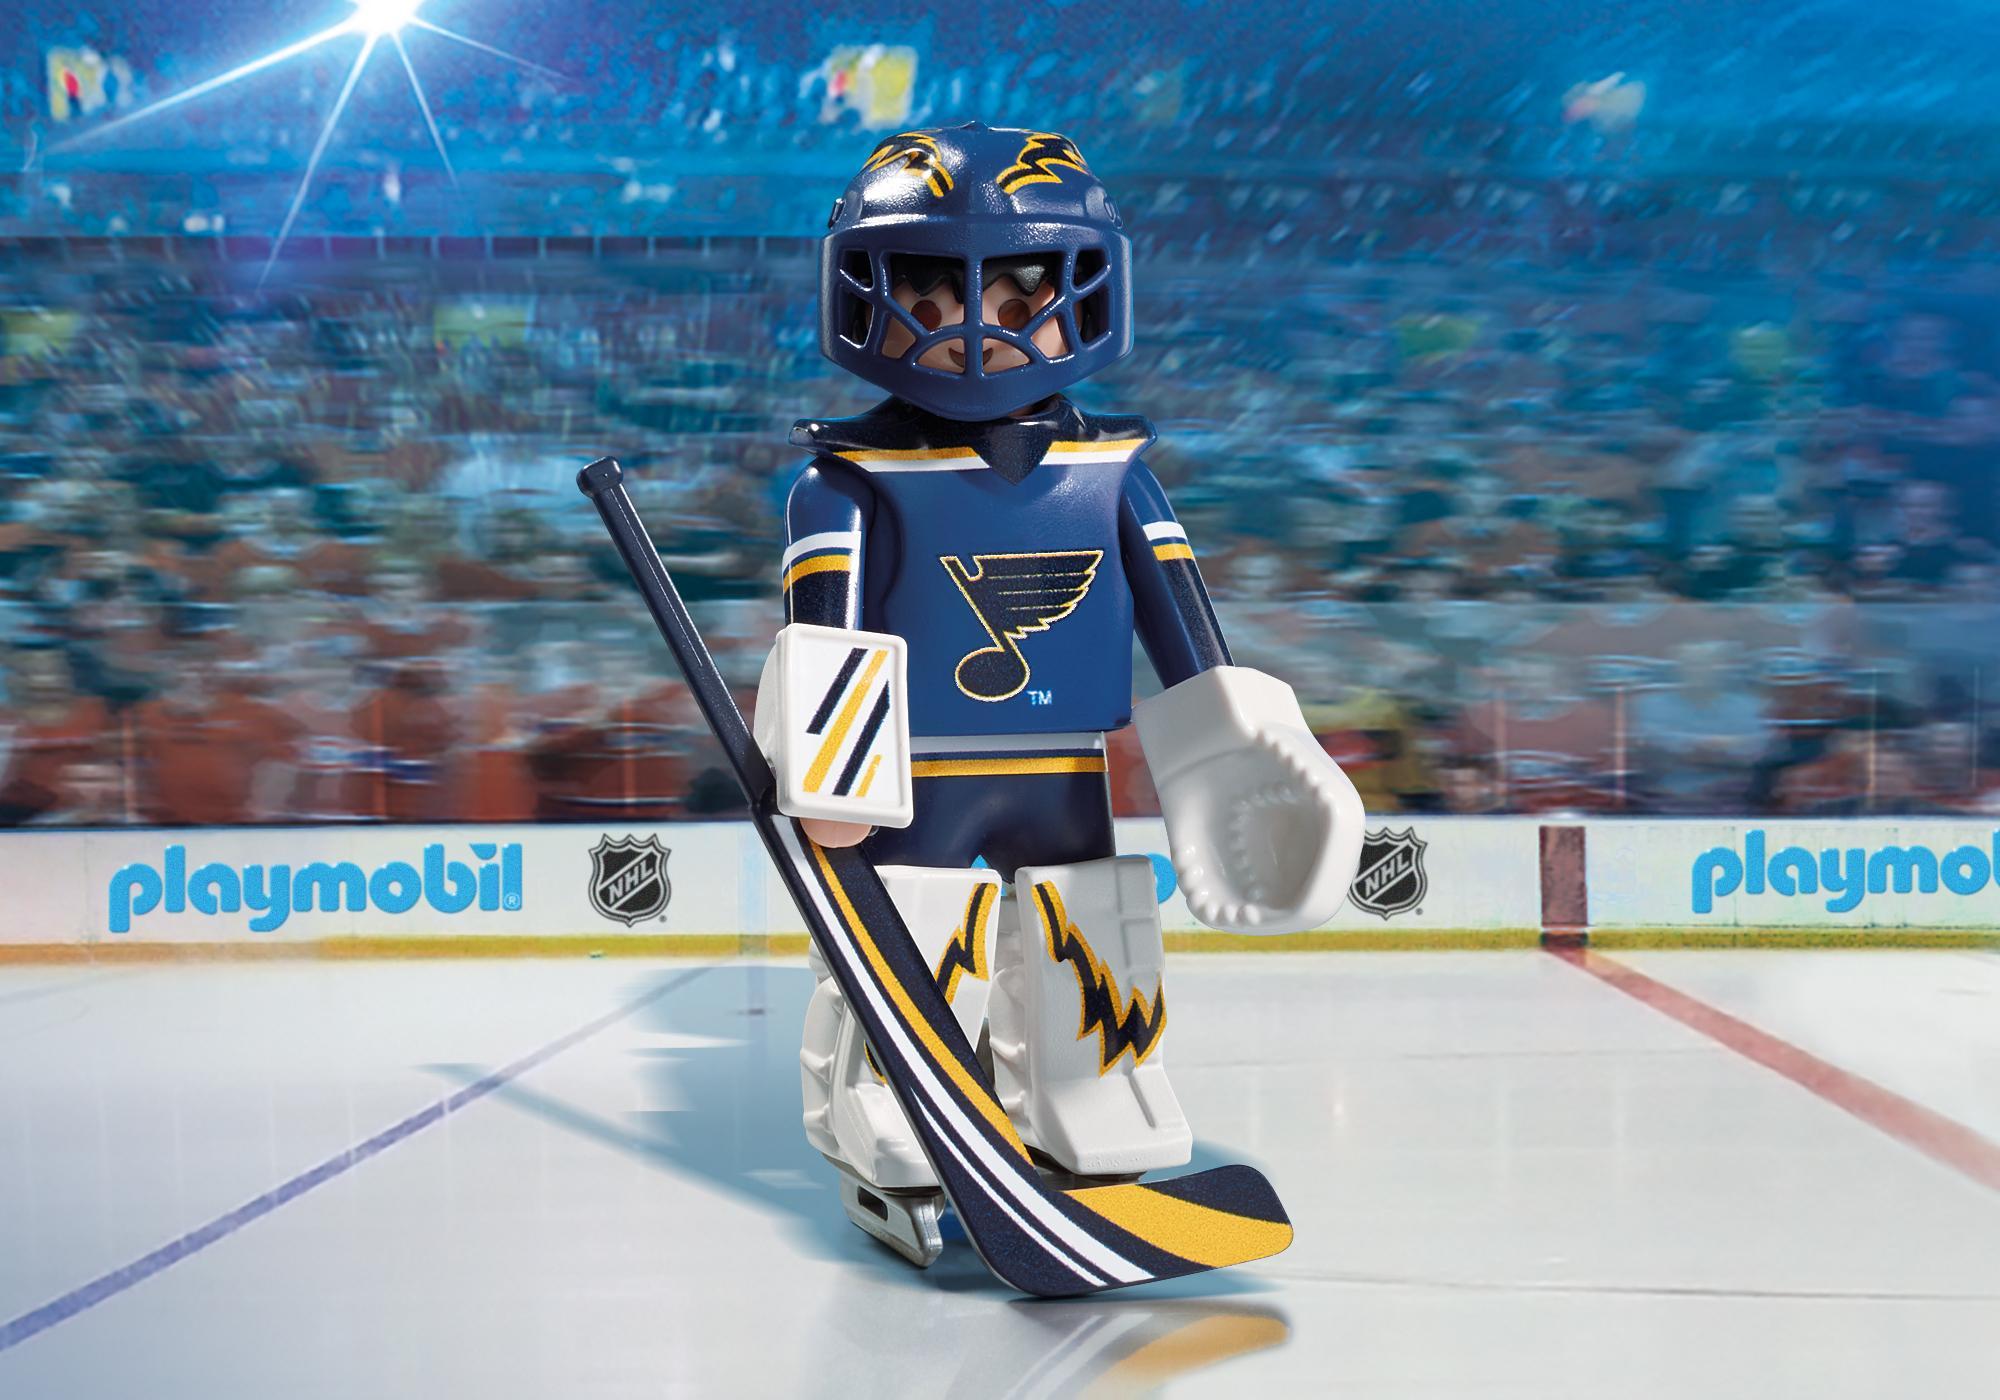 http://media.playmobil.com/i/playmobil/9183_product_detail/NHL™ St. Louis Blues™ Goalie